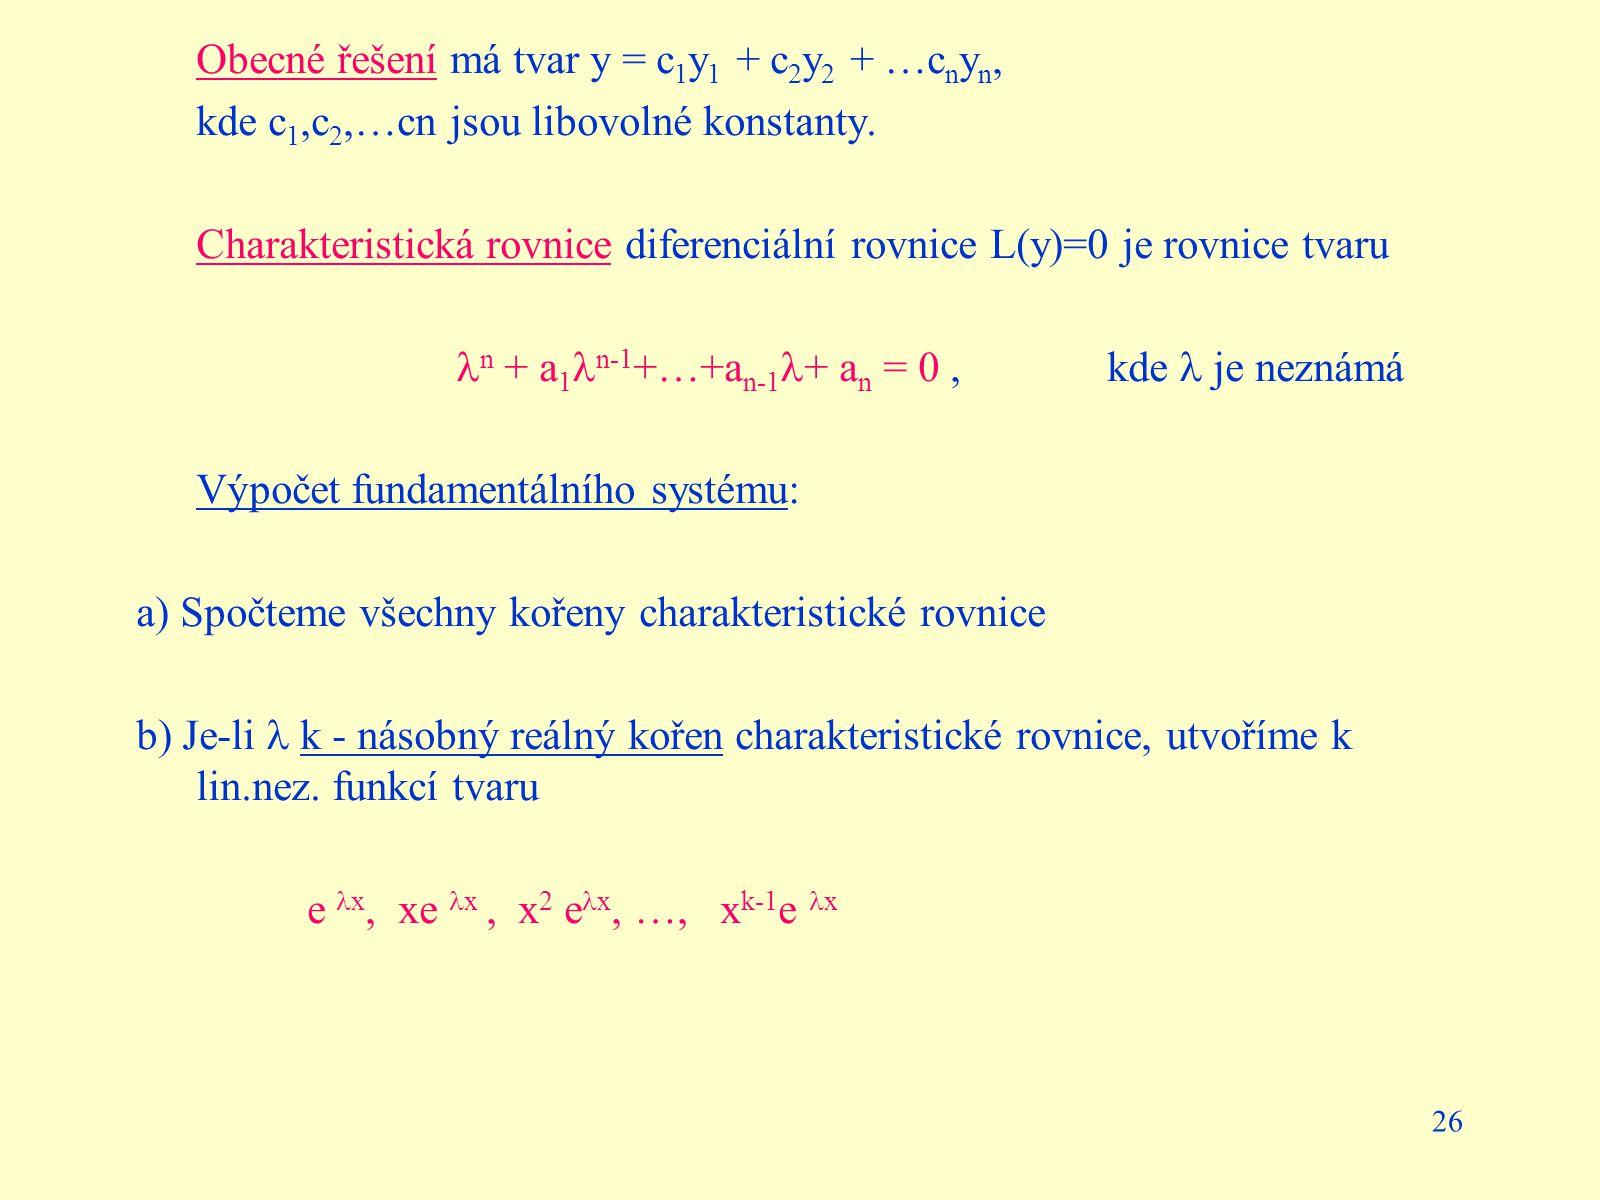 Obecné řešení má tvar y = c1y1 + c2y2 + …cnyn,